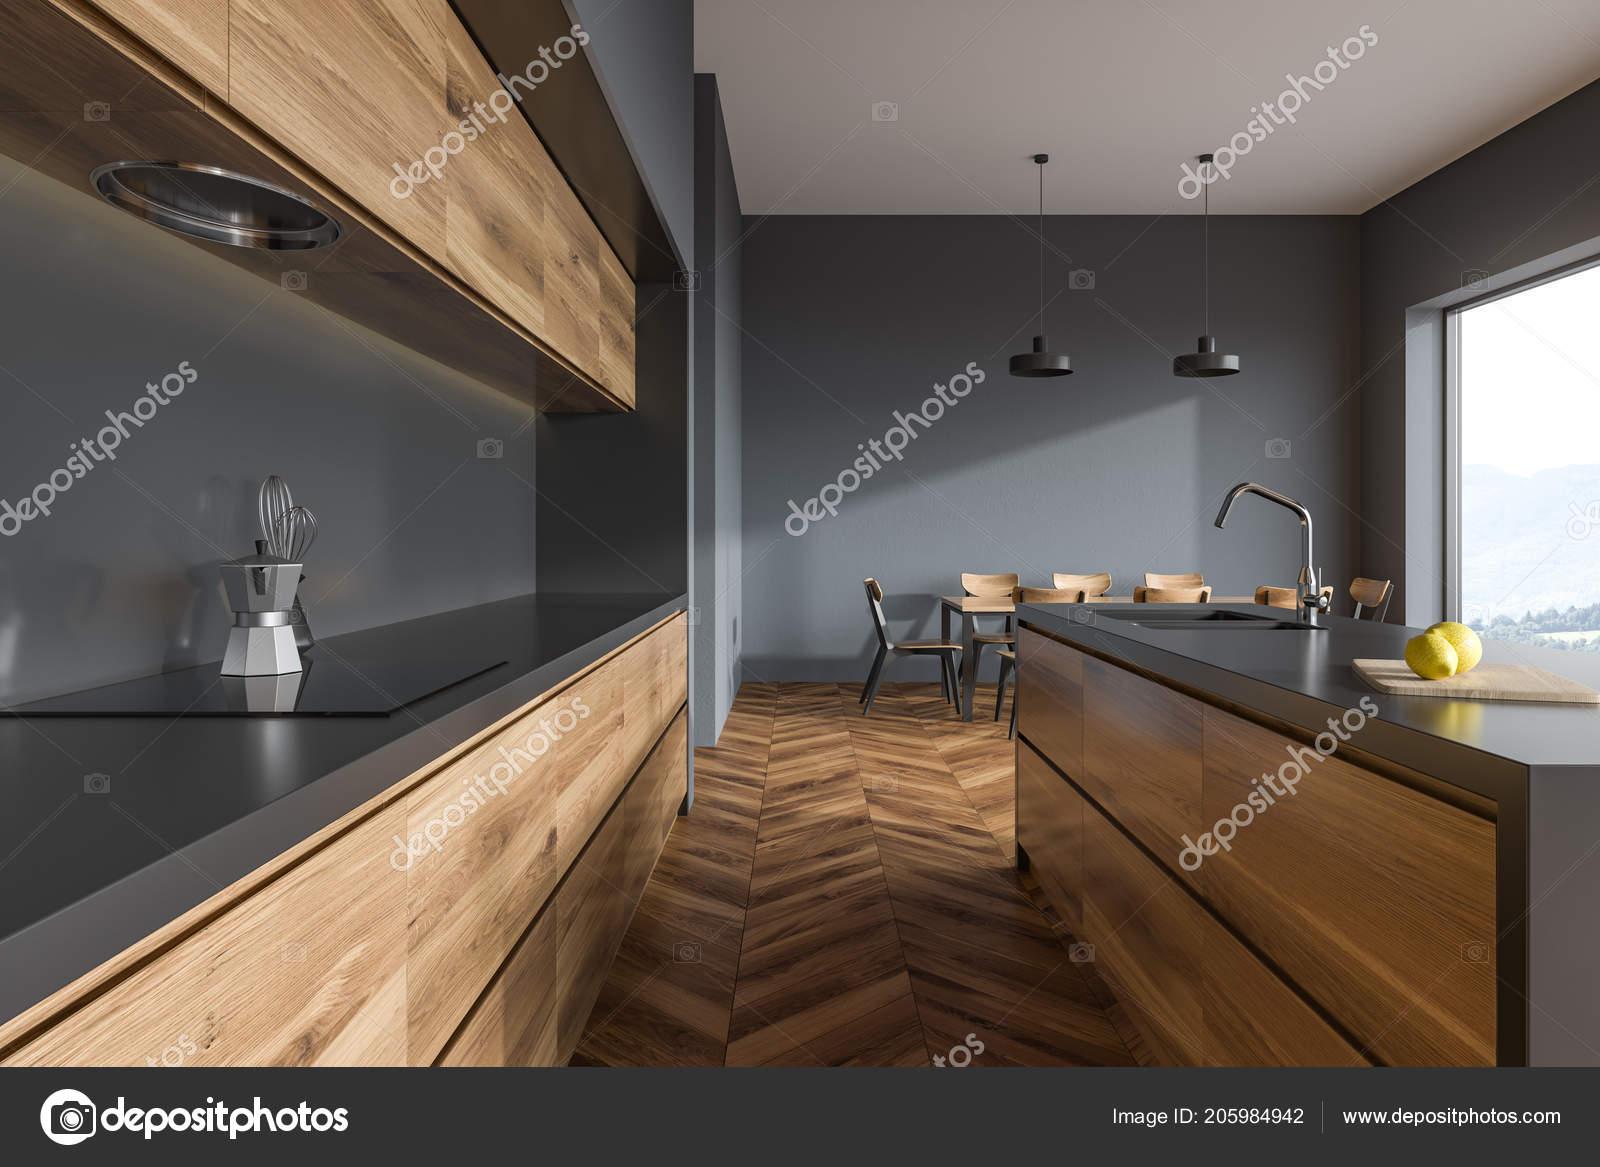 Holzboden Küche Interieur Mit Holz Und Grau Arbeitsplatten ...